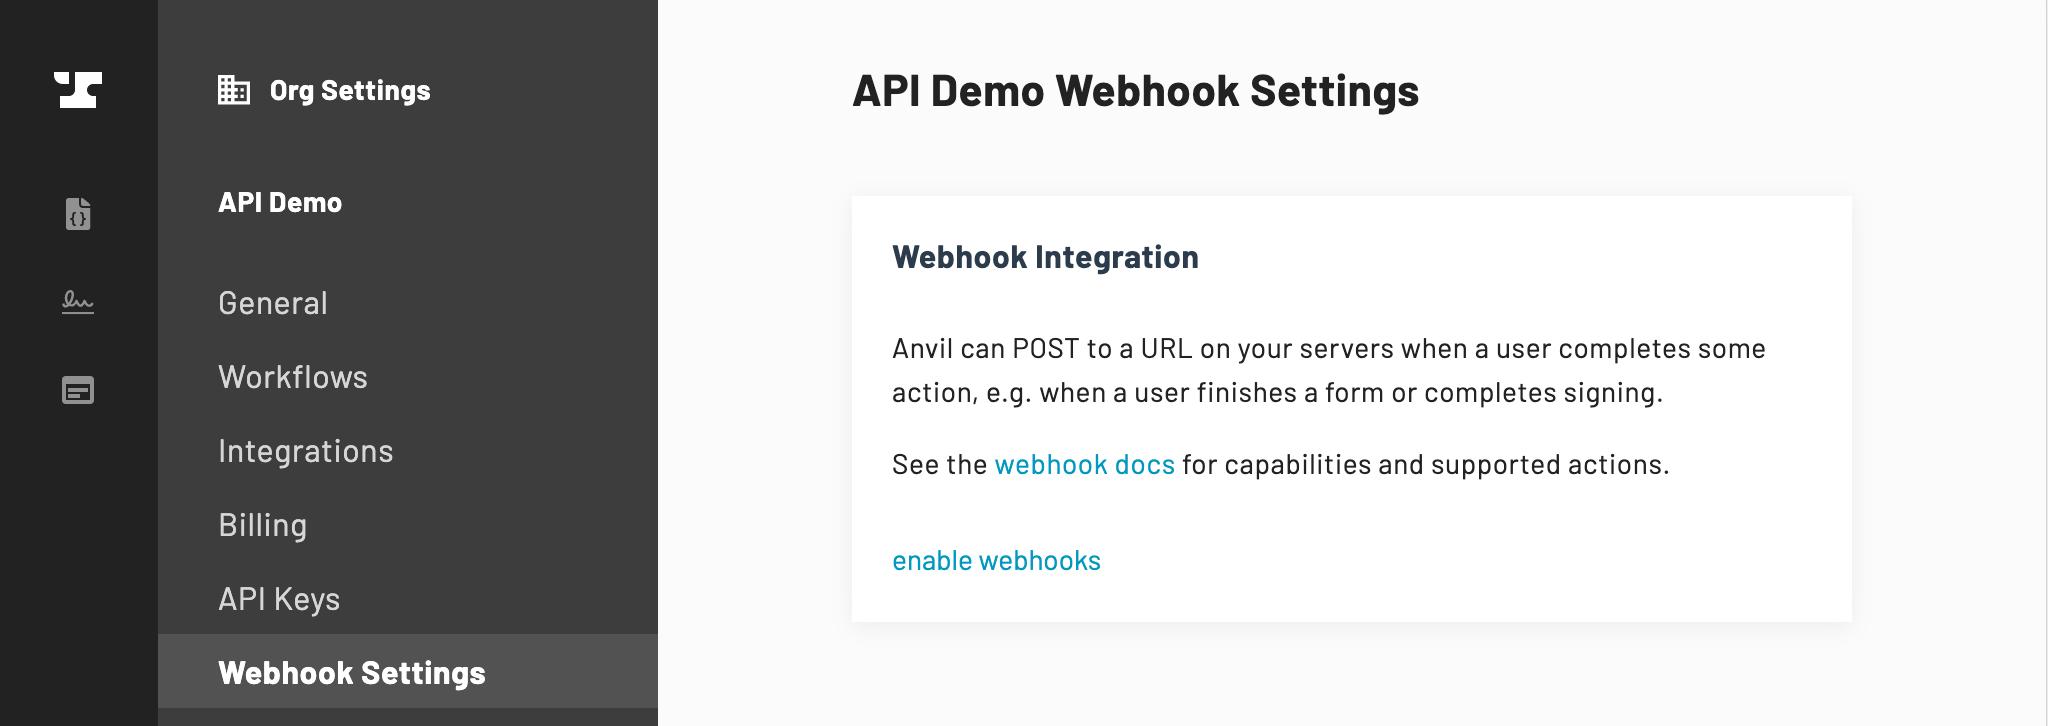 Webhook Settings